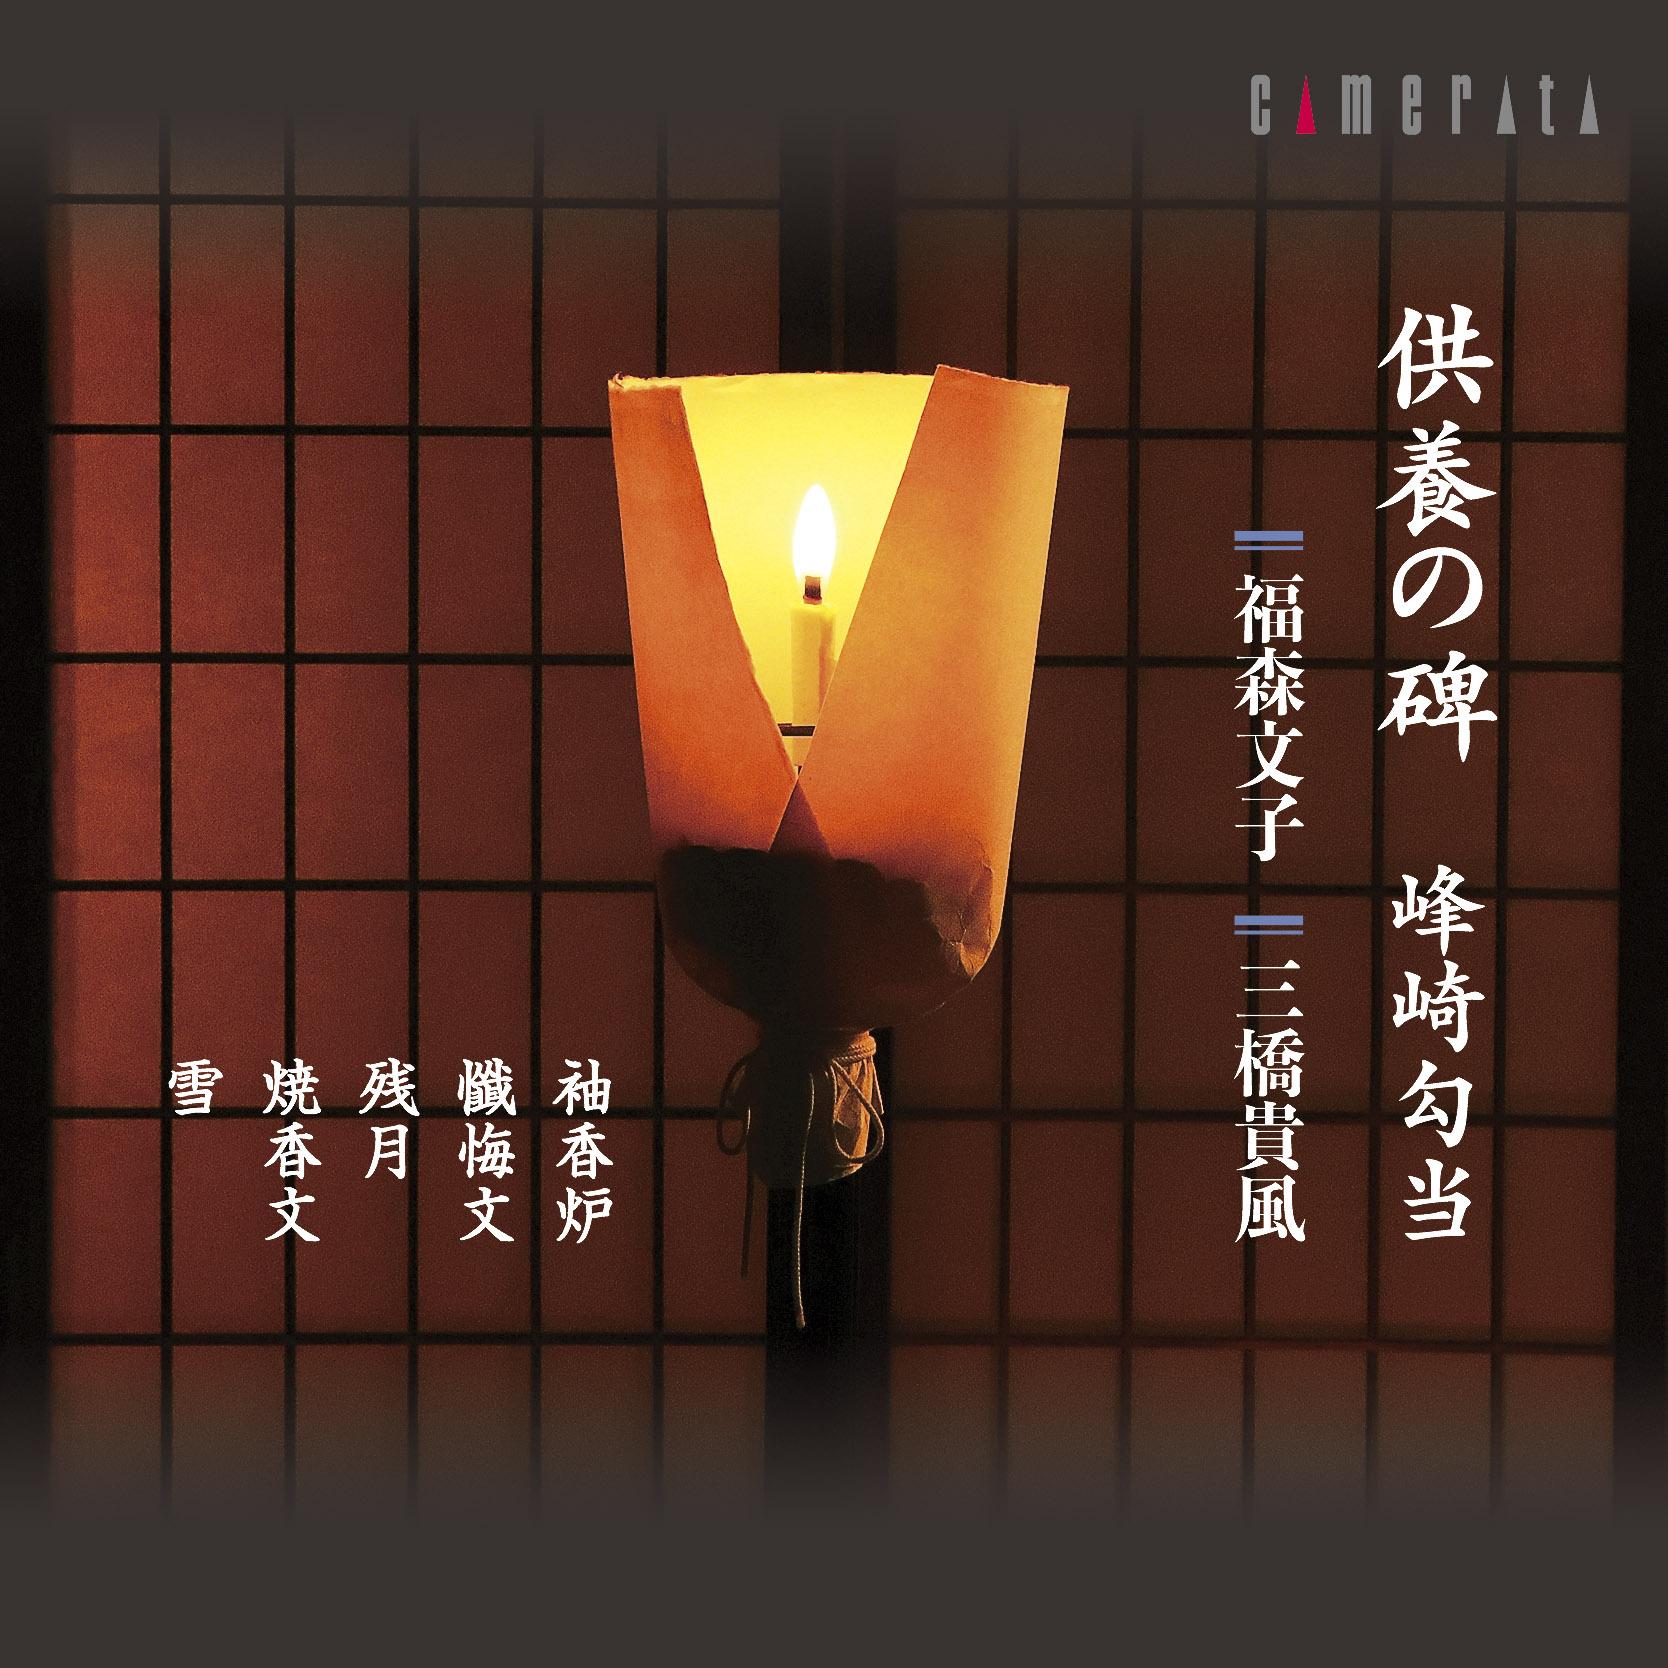 供養の碑 峰崎勾当/福森文子・三橋貴風[1621]